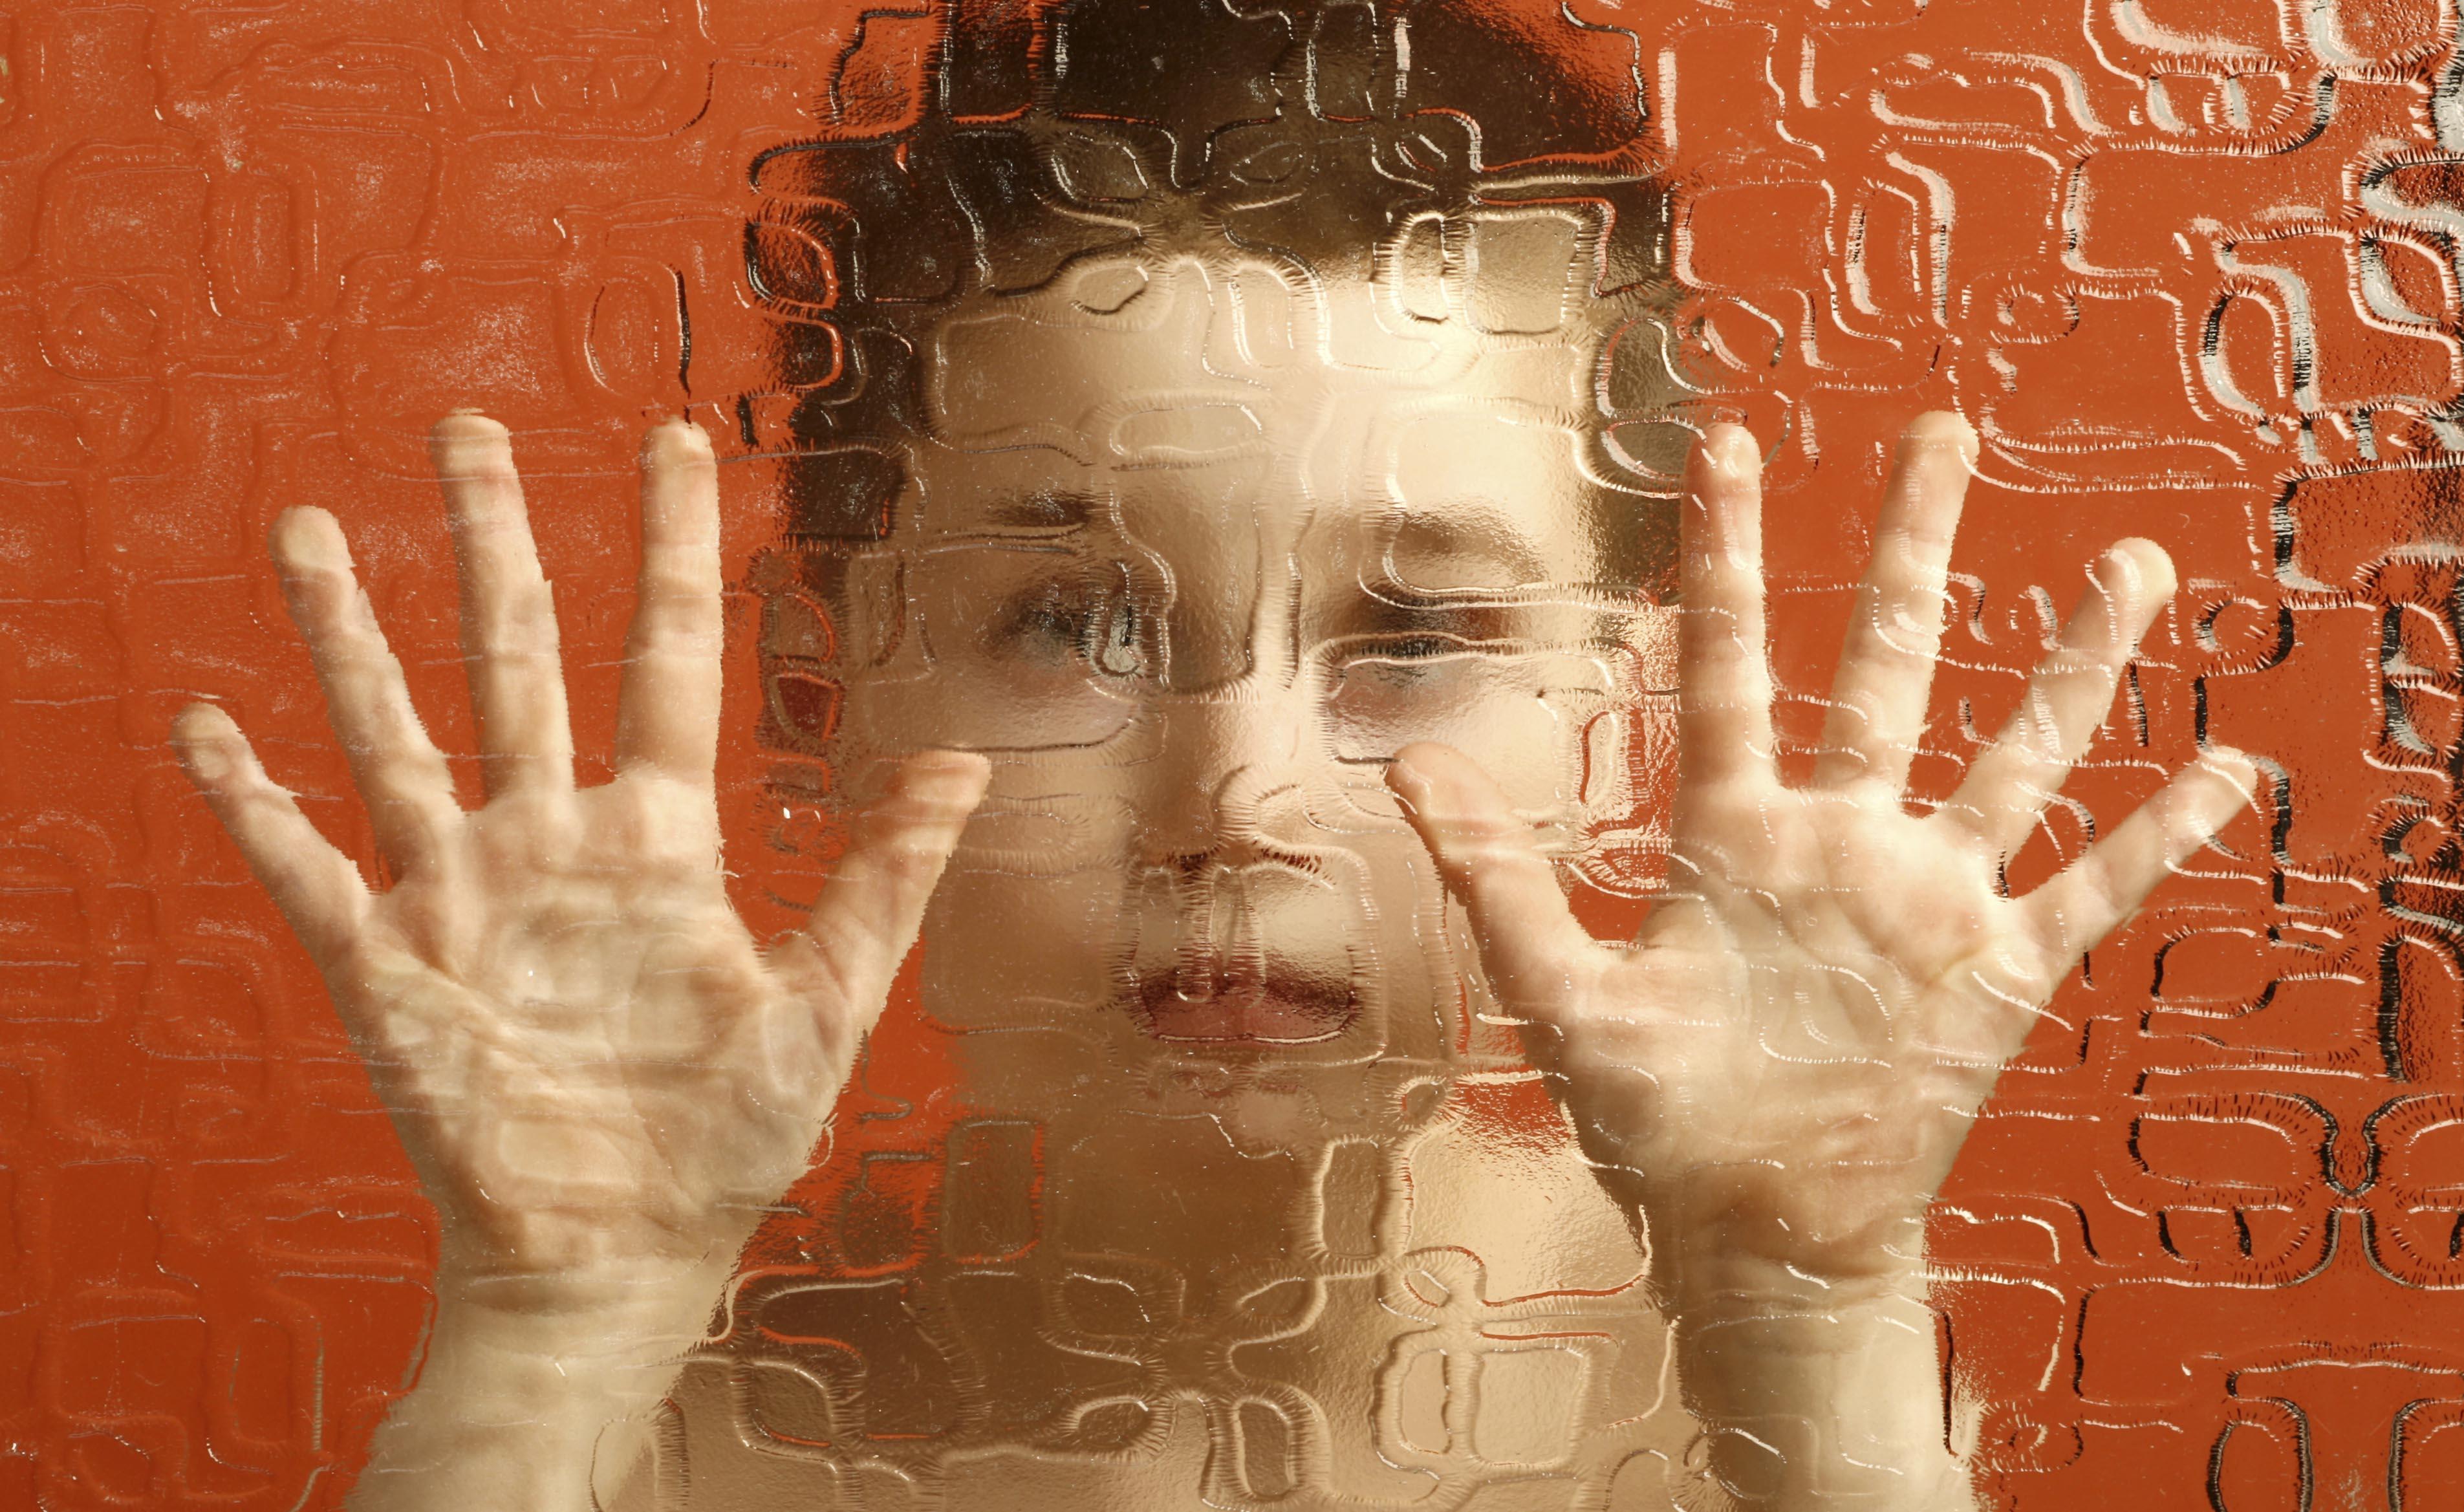 Migliori abilità visive potrebbero essere un primo sintomo di autismo